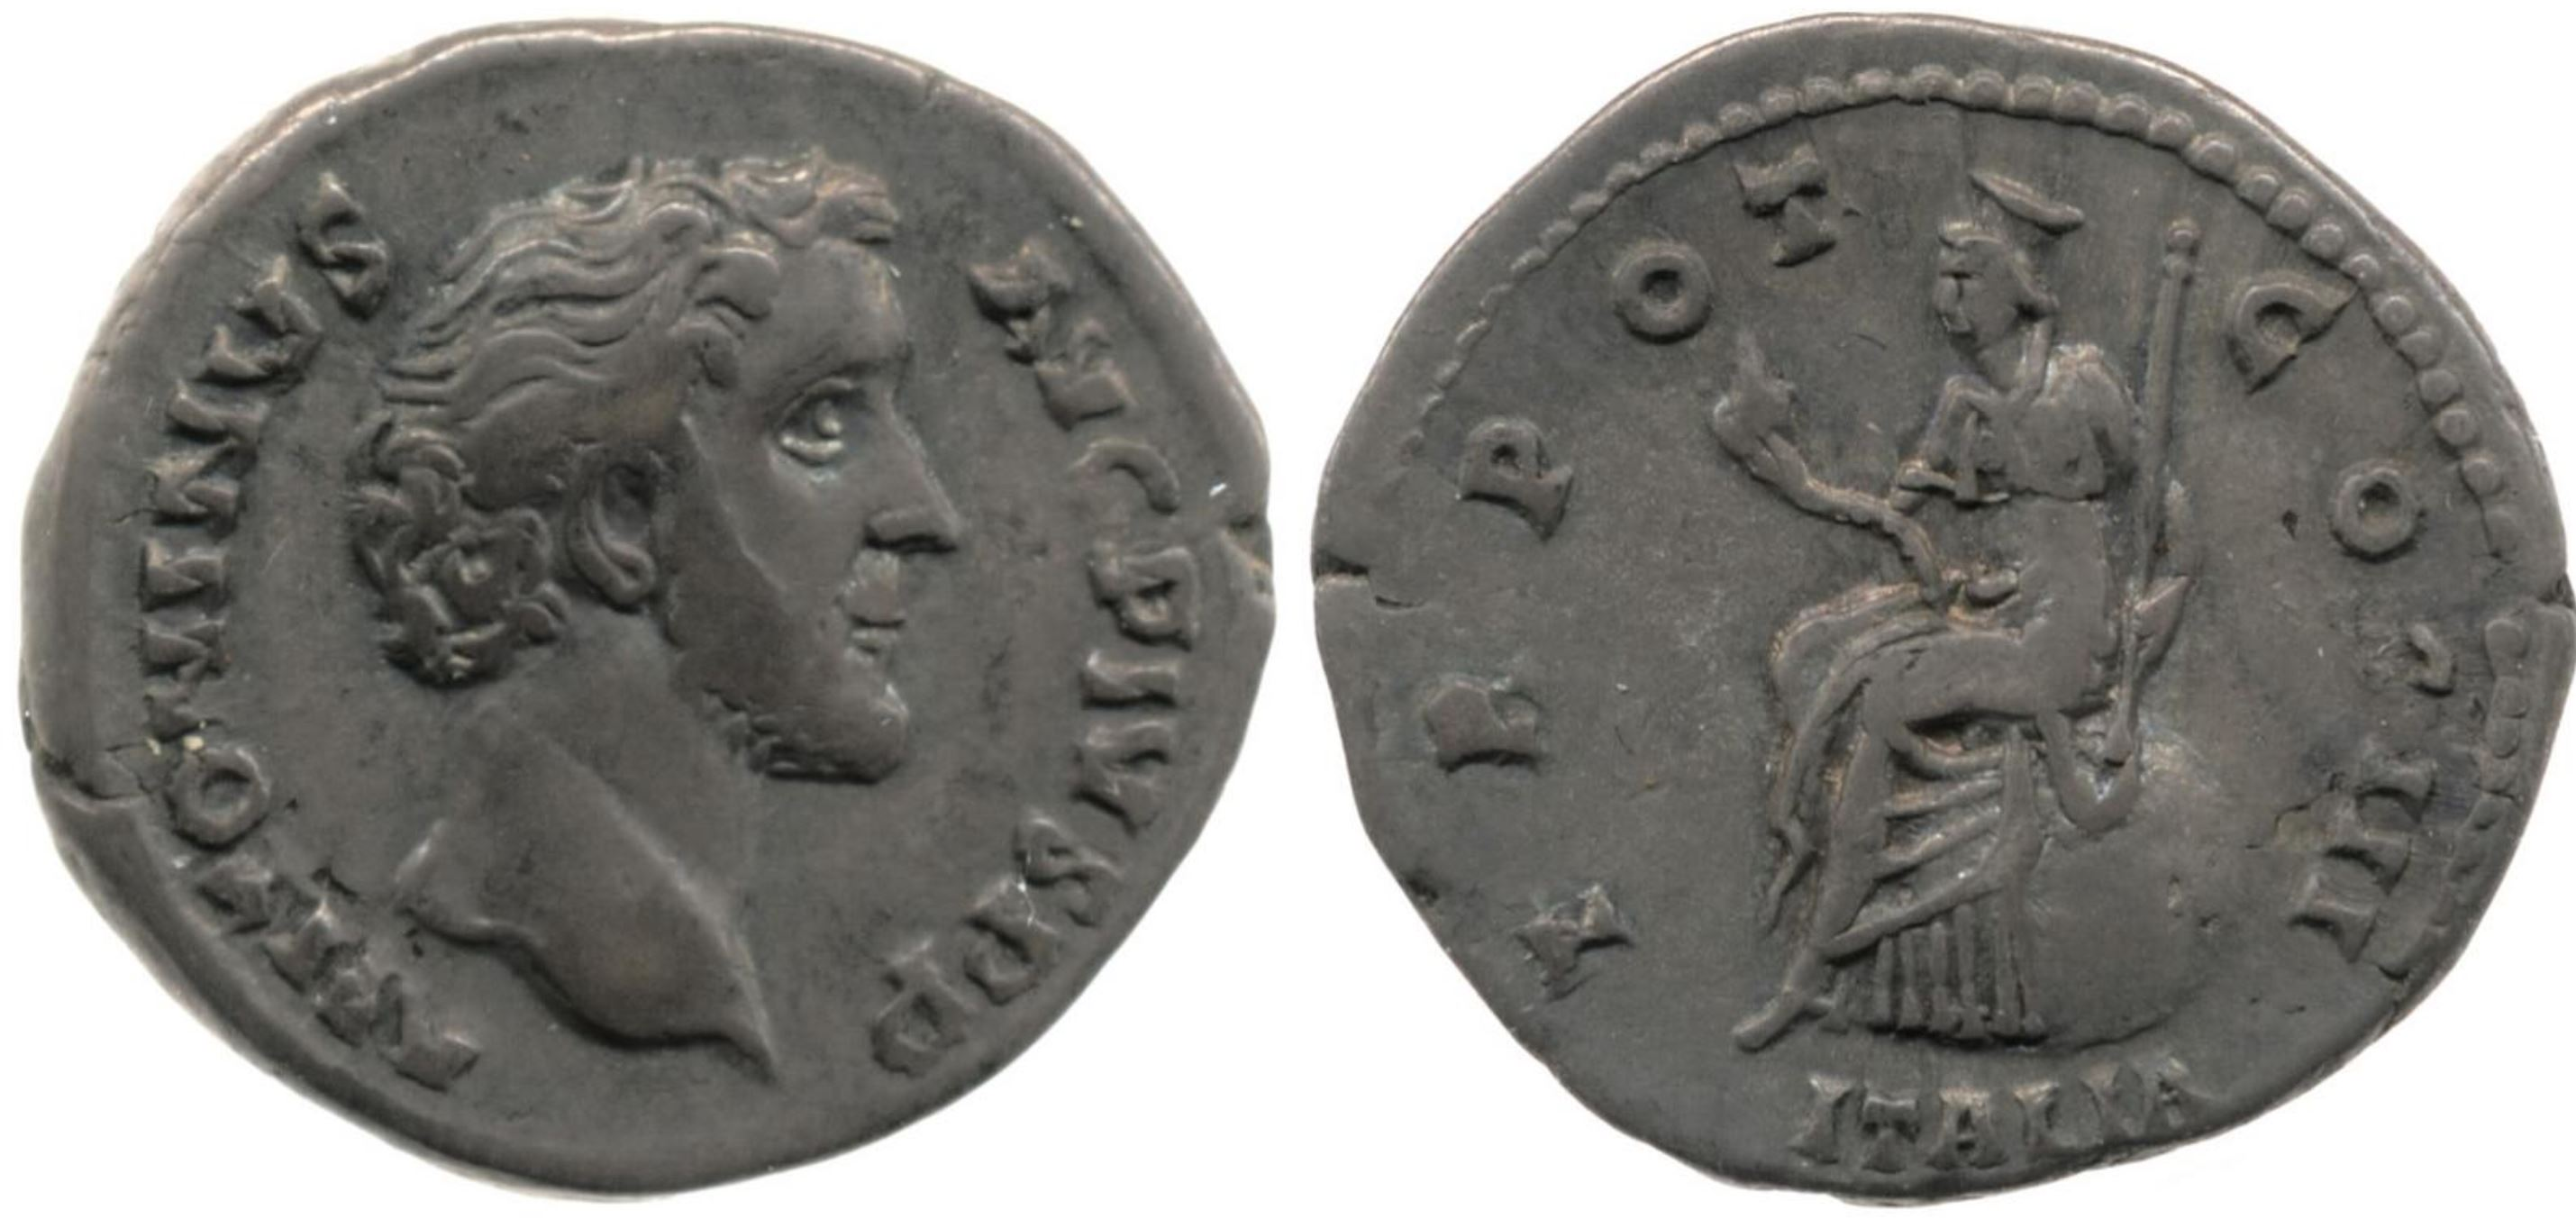 Italie 140-44 Denier Antoninus Pius Bristish Museum